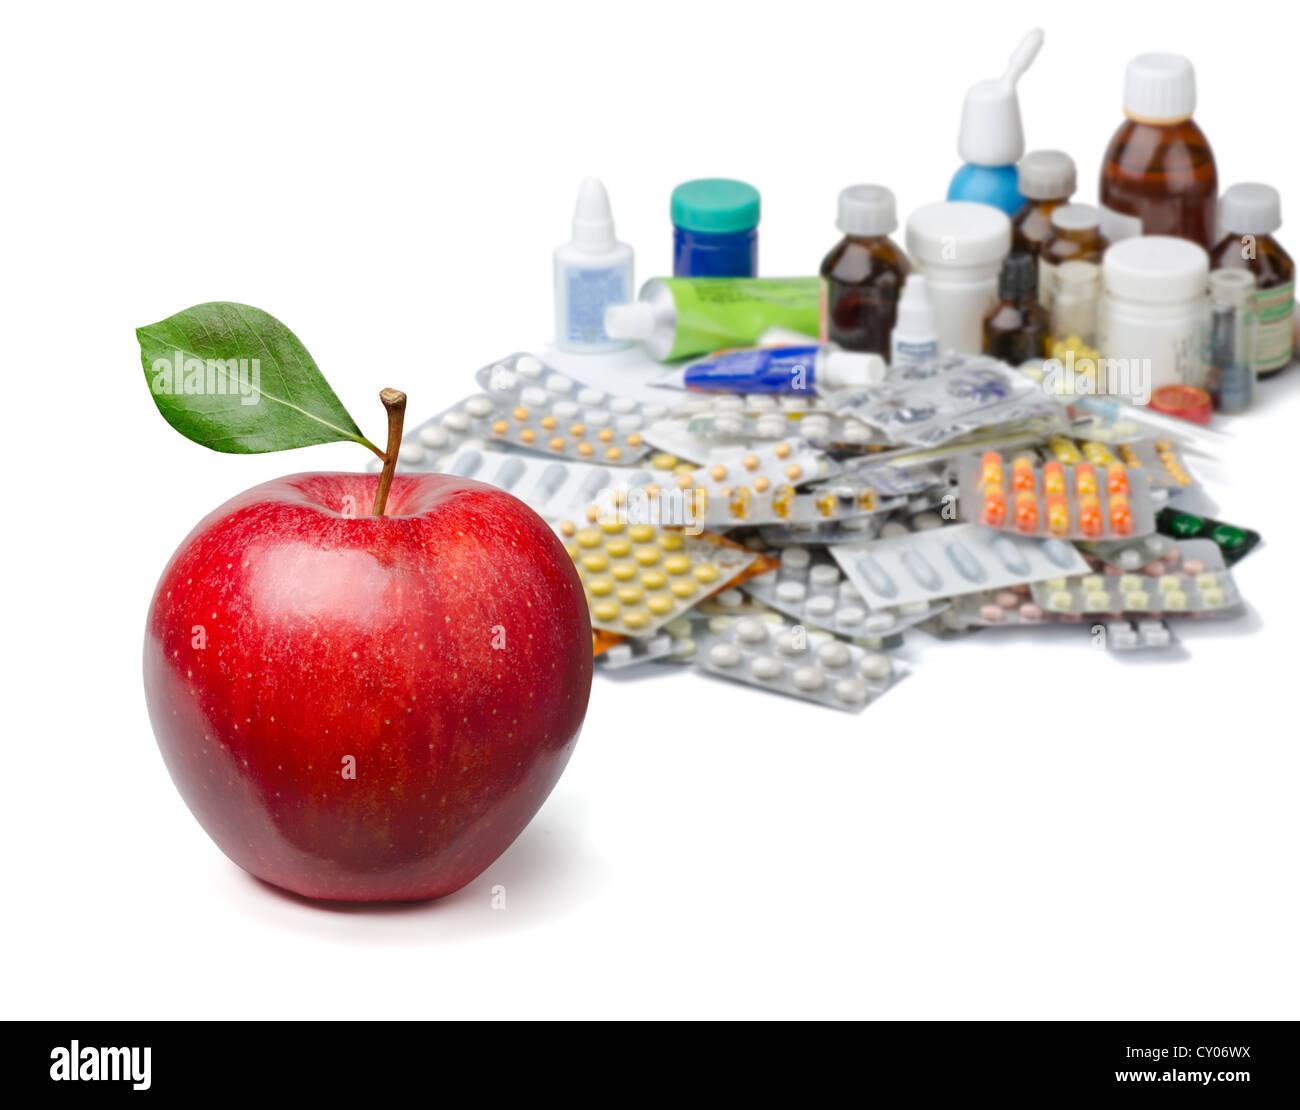 Mela rossa nella parte anteriore di un gran mucchio di medicinali. Uno stile di vita sano concetto. Immagini Stock